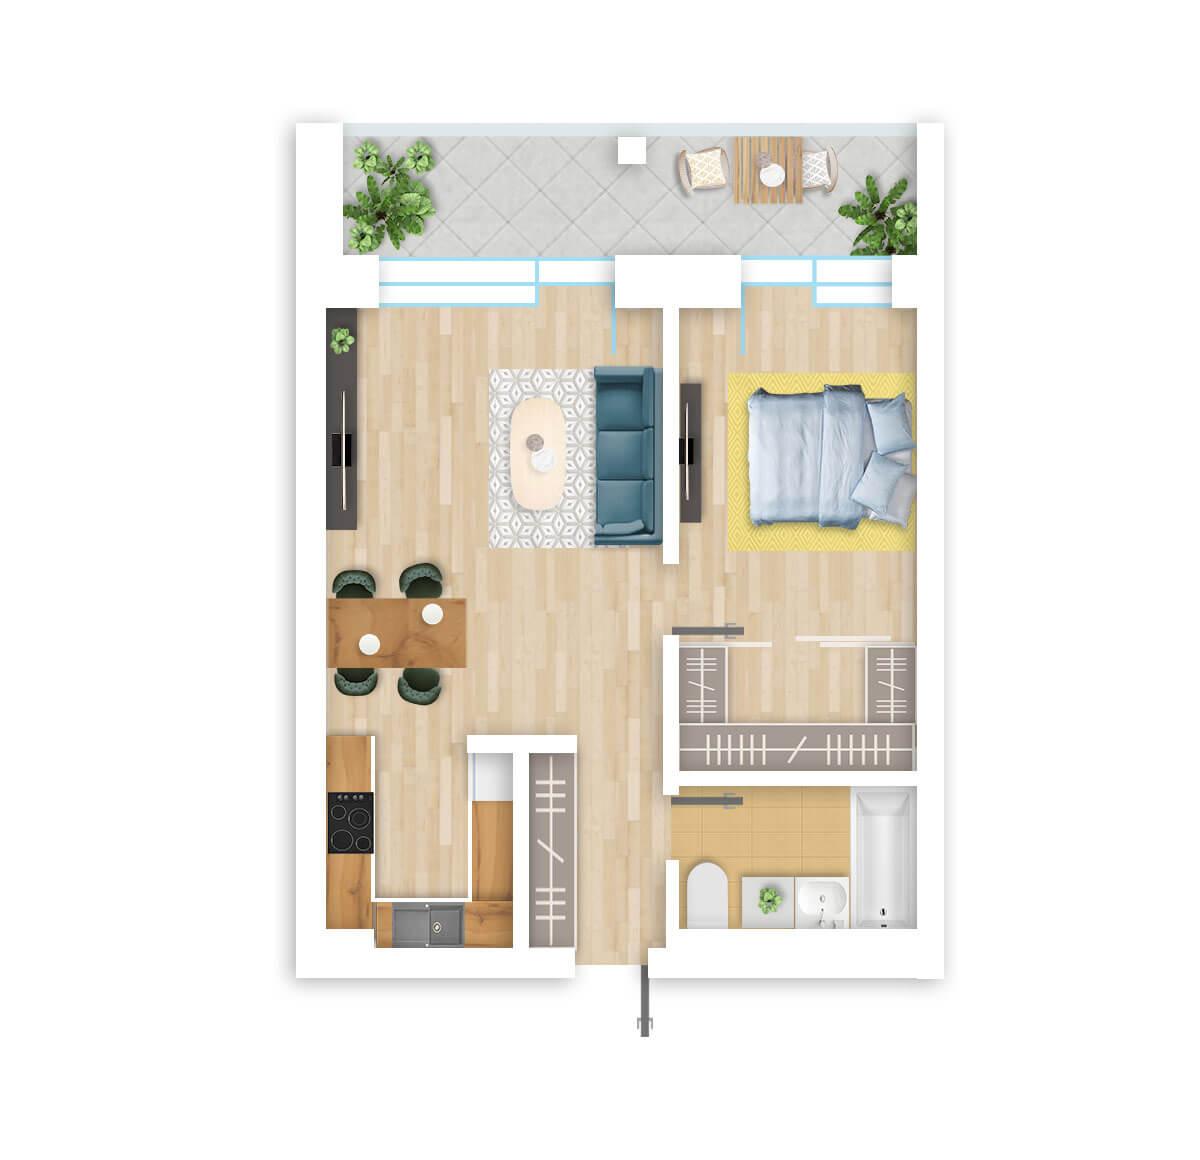 parduodamas butas Lazdynėlių g. 16B - 20 Vilniuje, buto 3D vaizdas